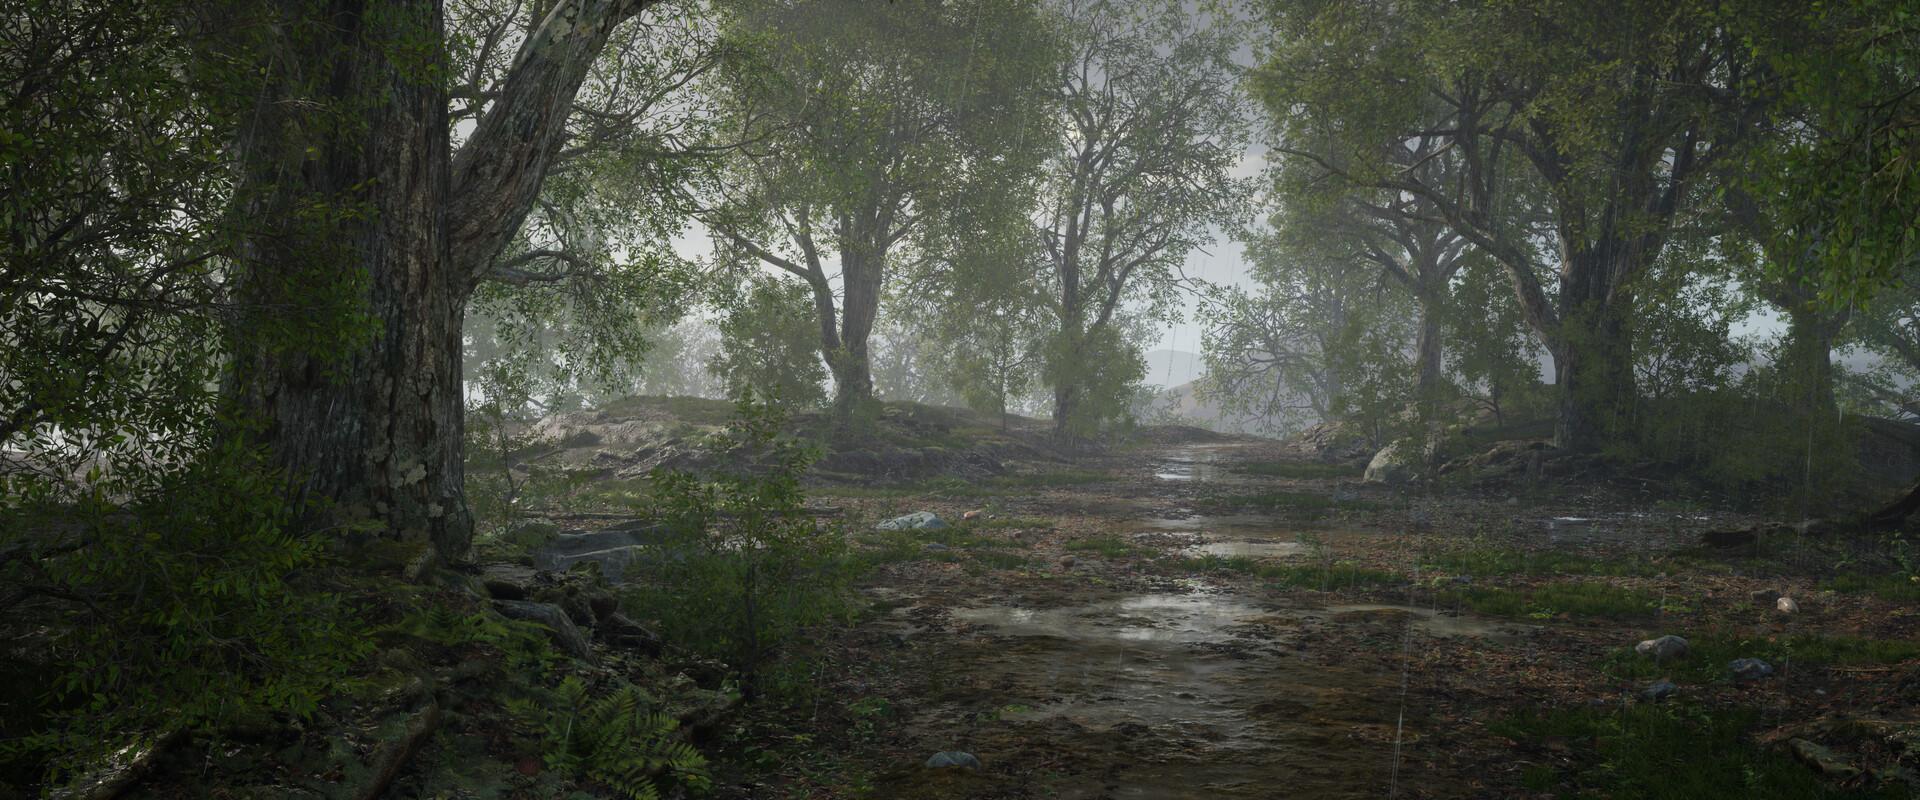 B o w qin forest land rain07